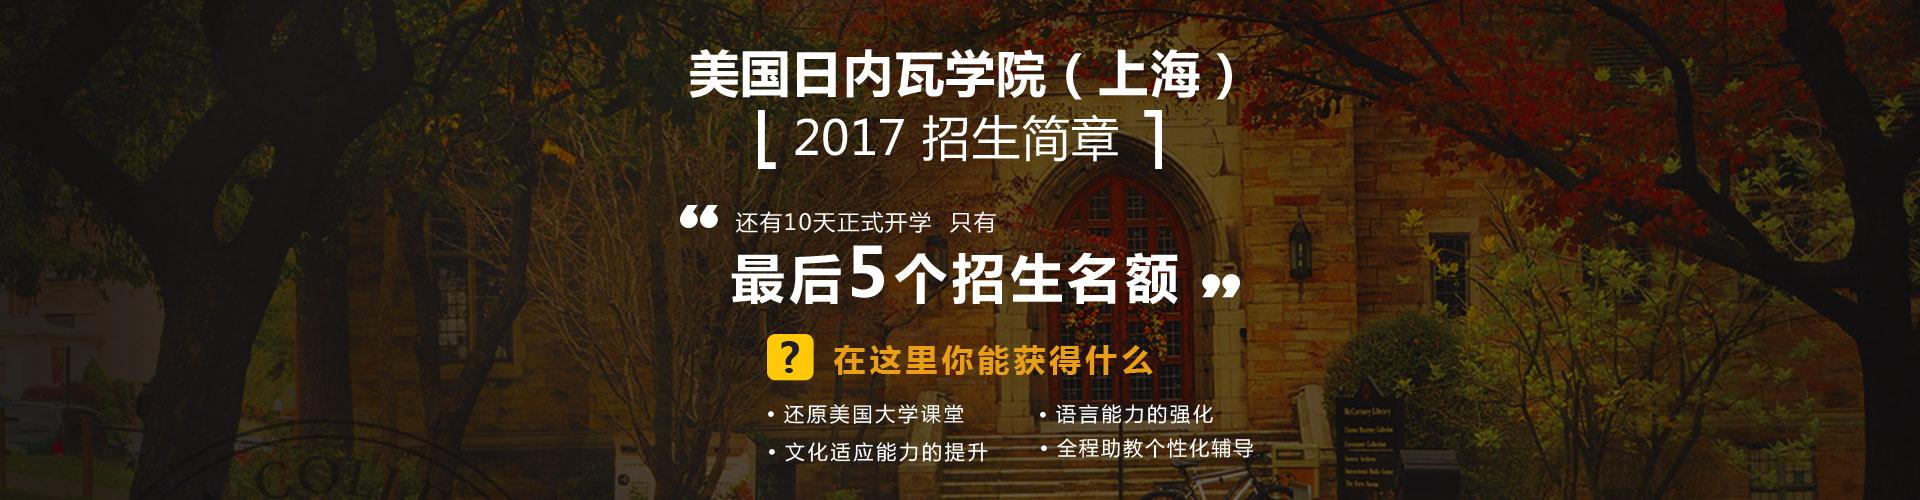 美国日内瓦大学(上海)招生简章